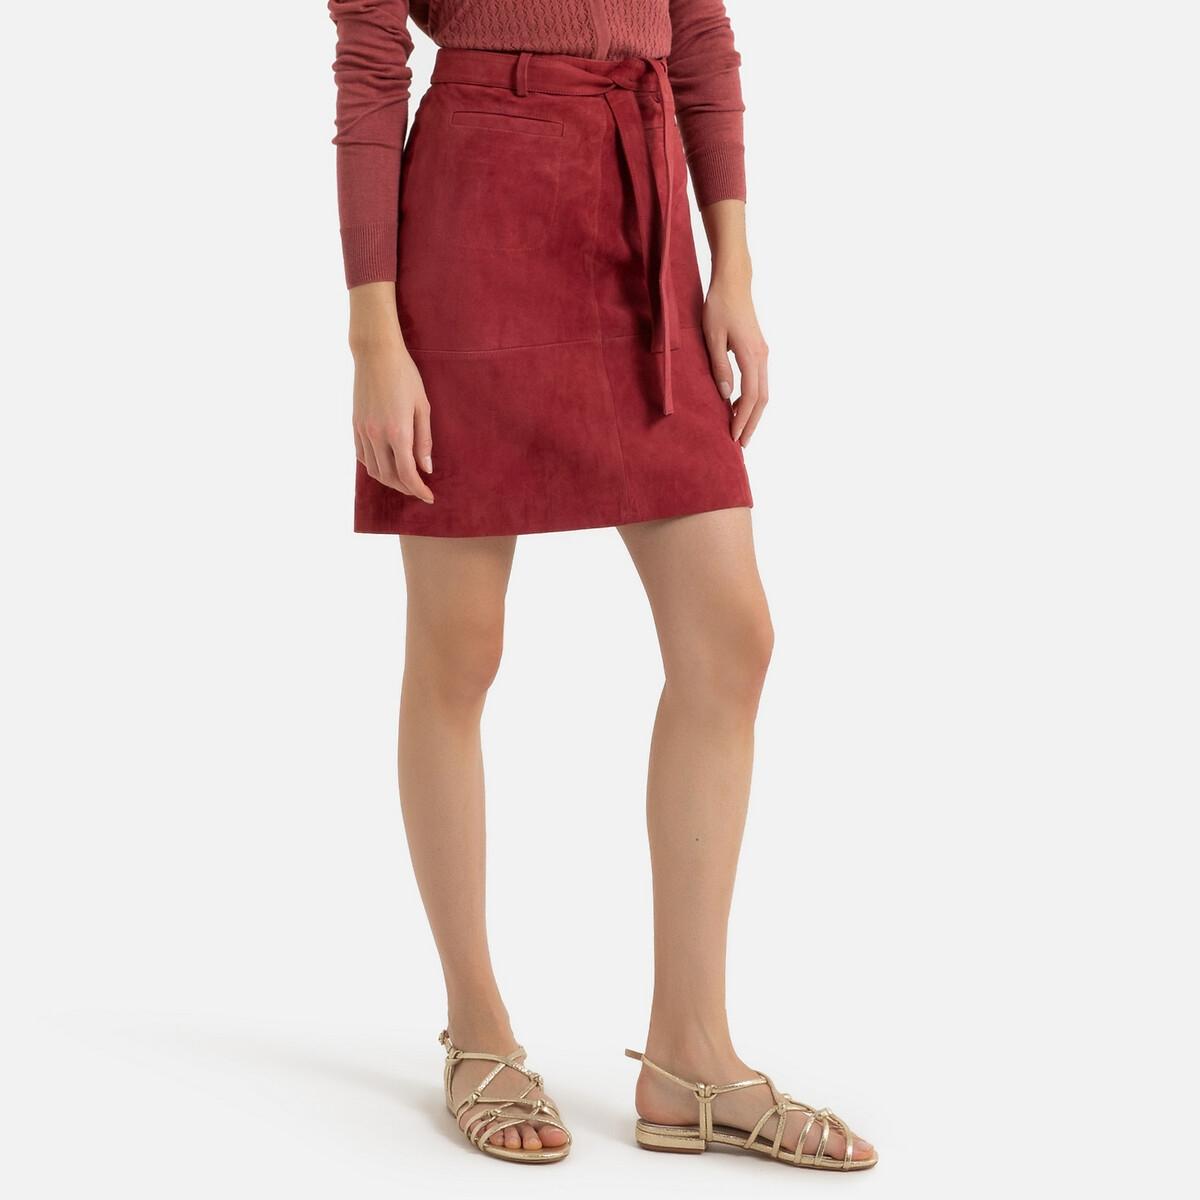 Falda recta de piel de cabra, con cinturón